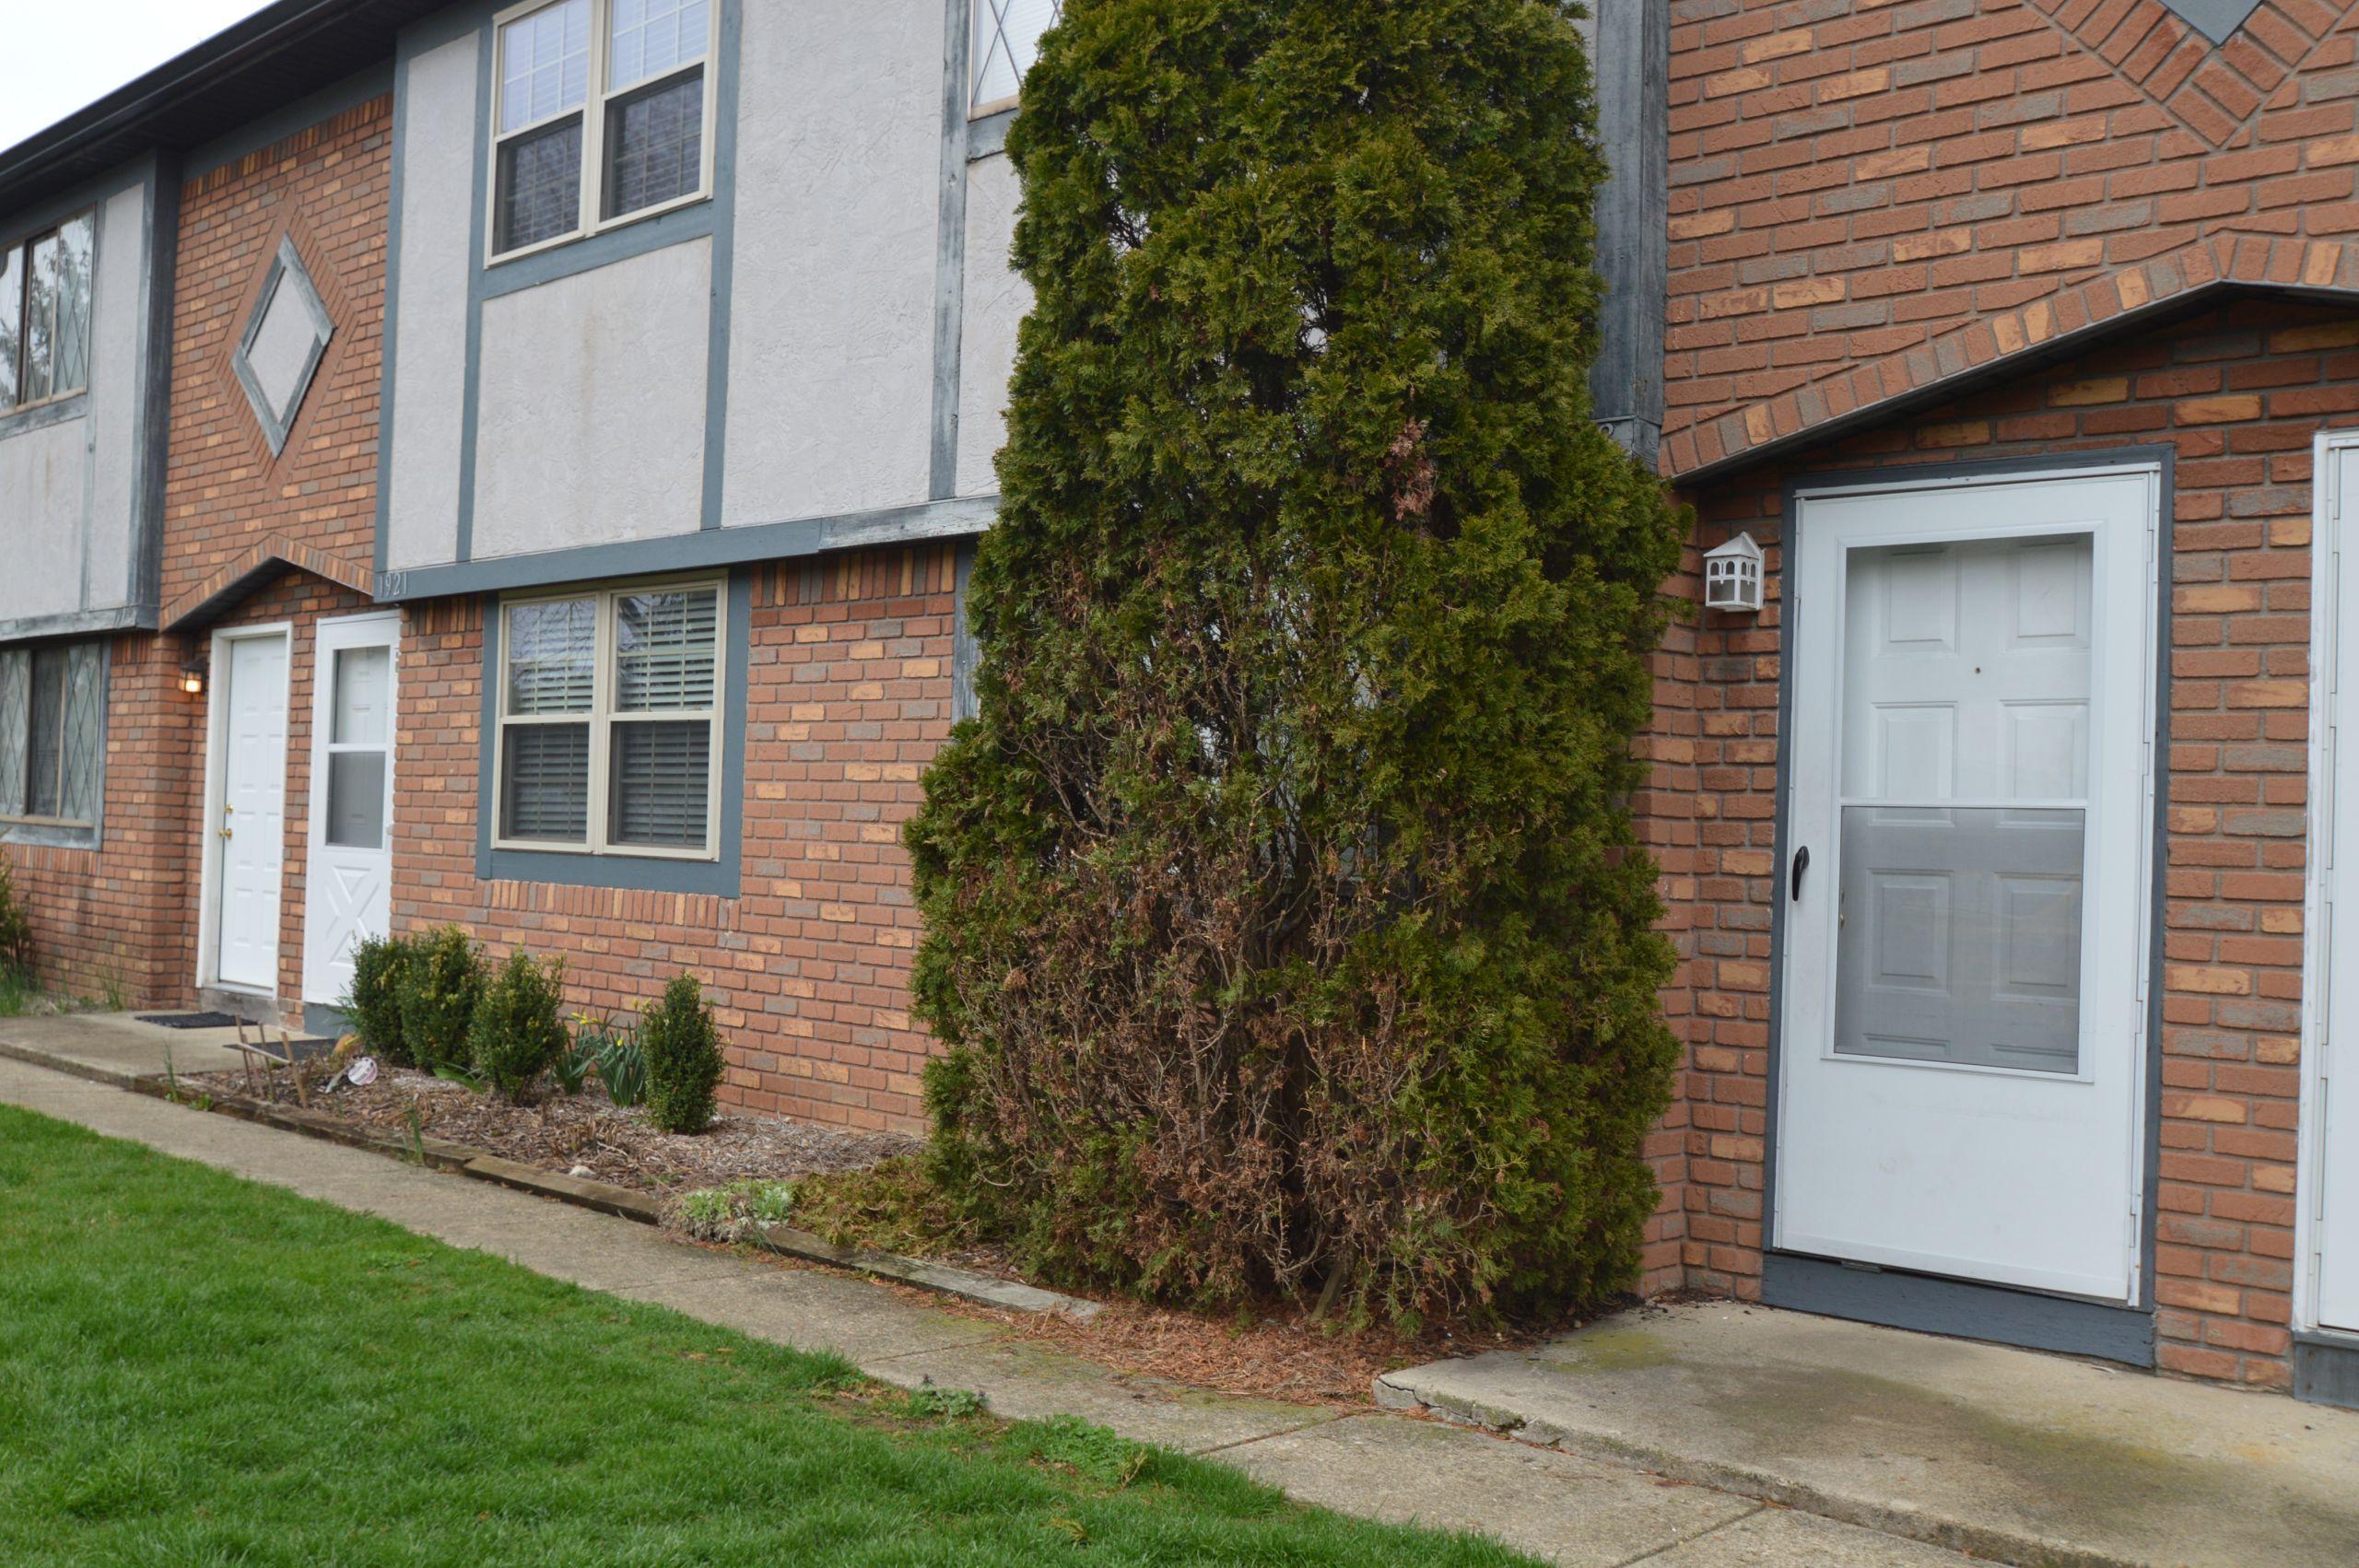 Affordable condominium home in Worthington schools